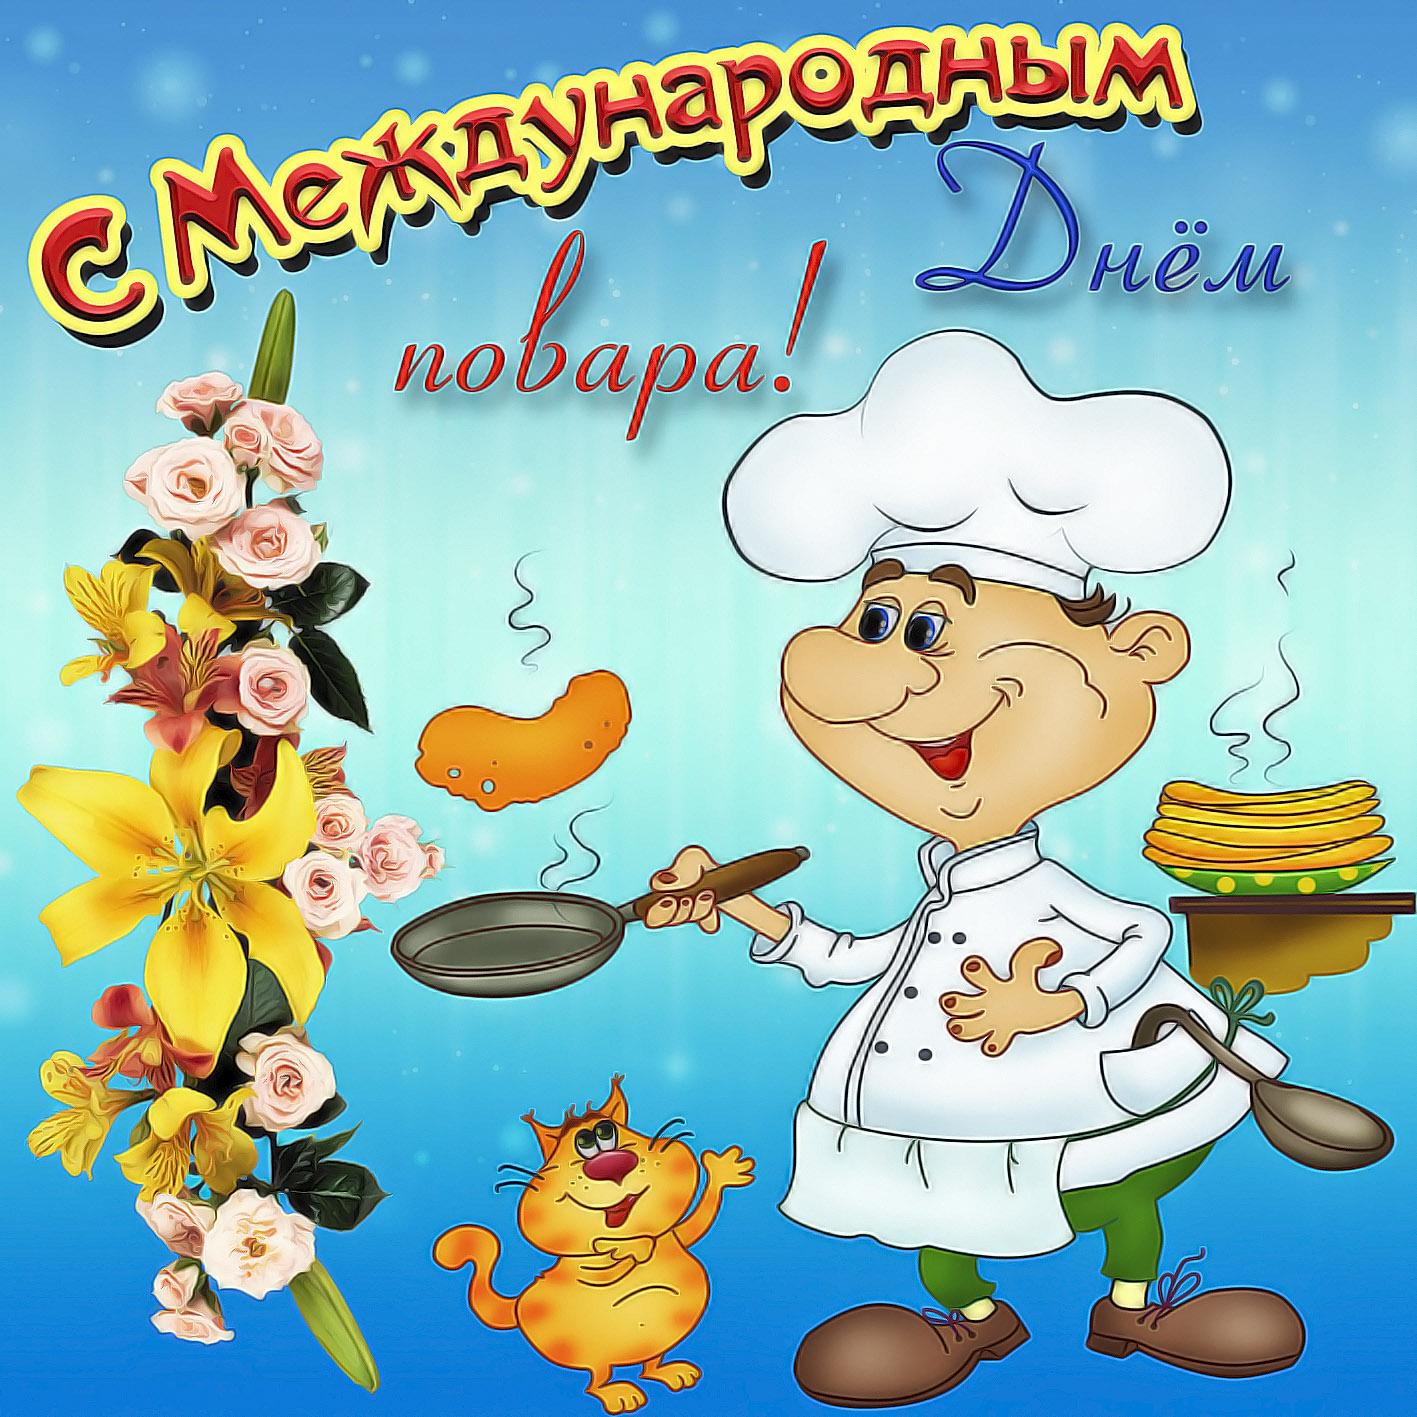 Картинка с поваром и котиком на День повара